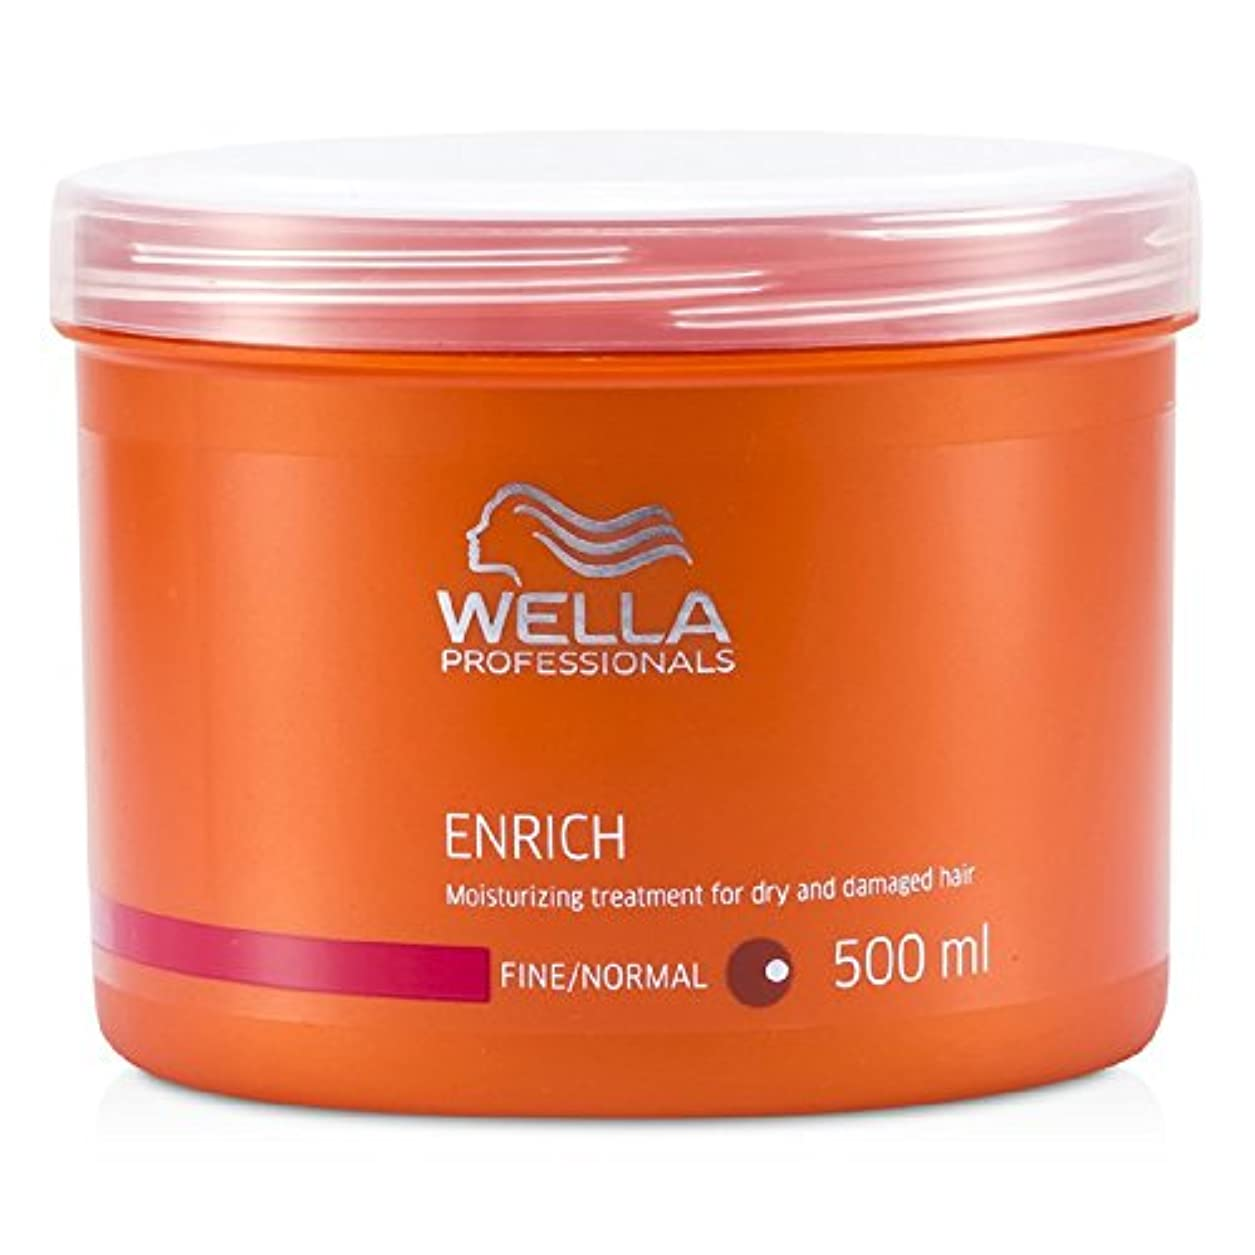 後世カウンタやりがいのあるウエラ エンリッチ モイスチャライジング トリートメント ドライ、ダメージヘア (普通/細い髪) 500ml/16.7oz並行輸入品